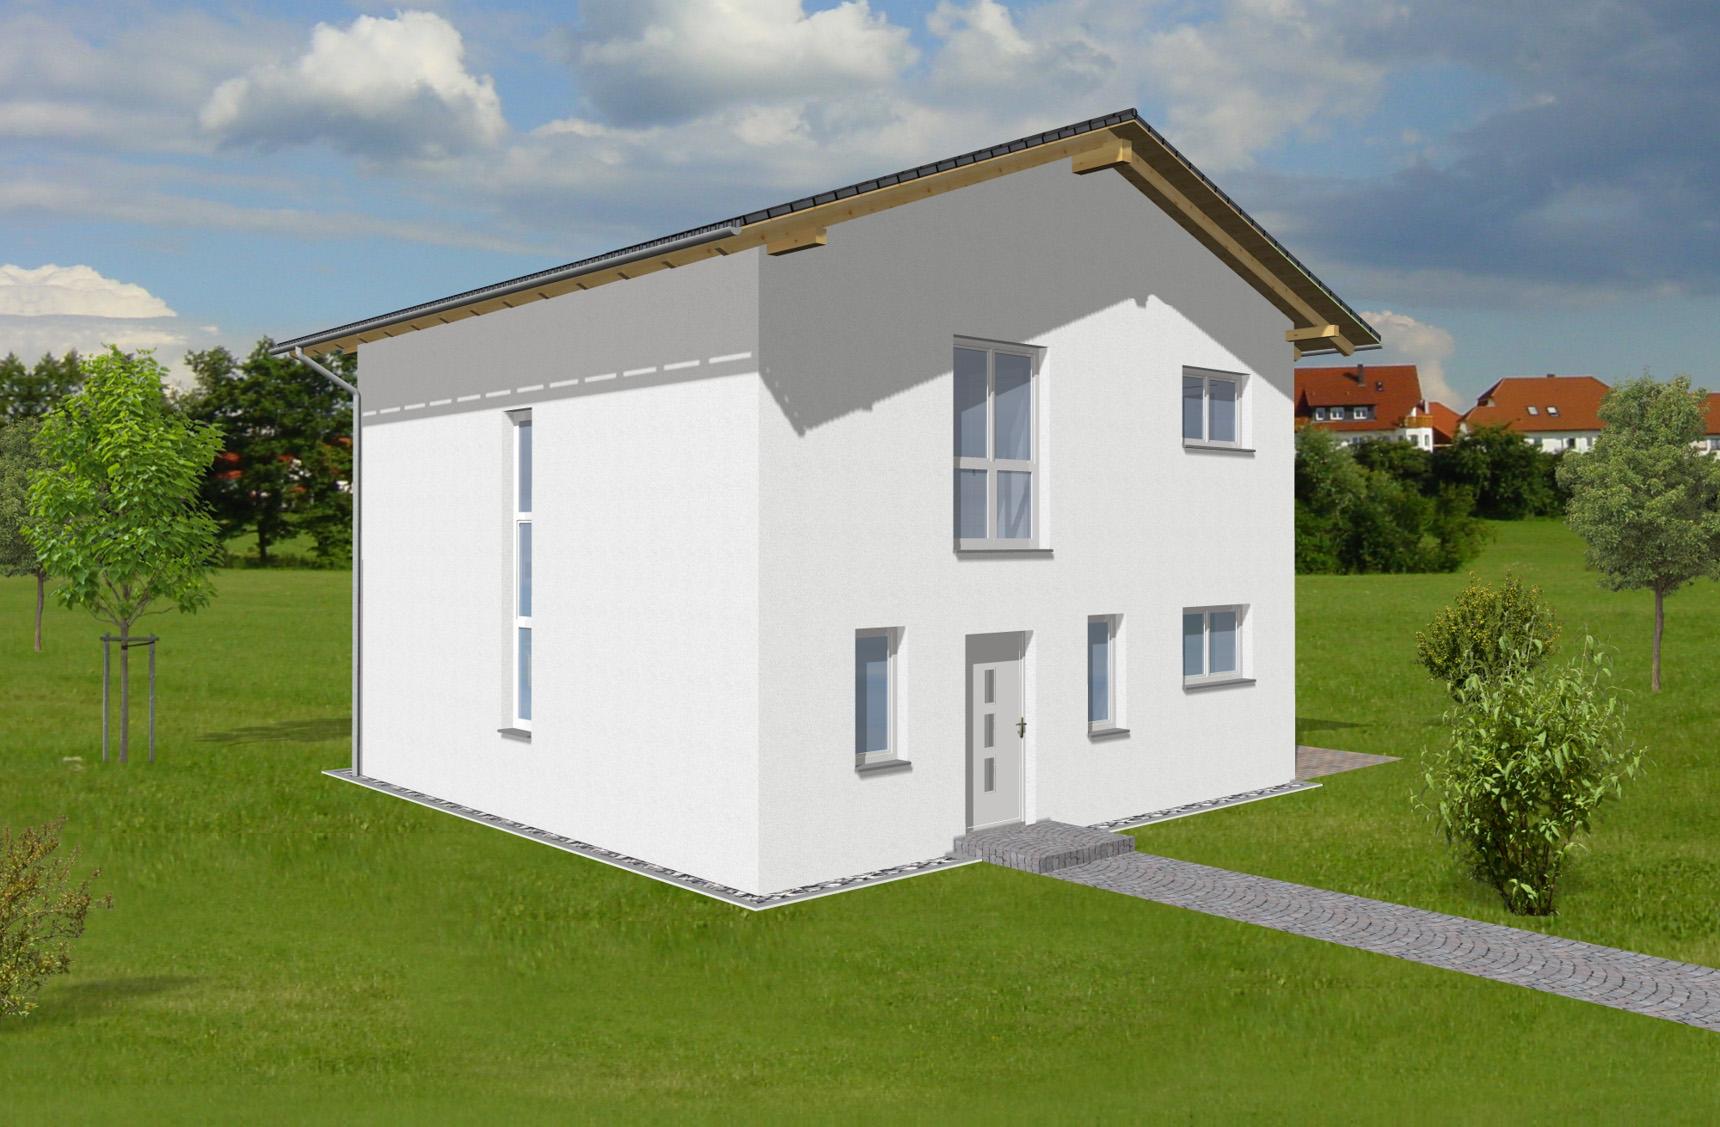 Typenhaus Castor - ALG Massivhaus GmbH Eingangsansicht